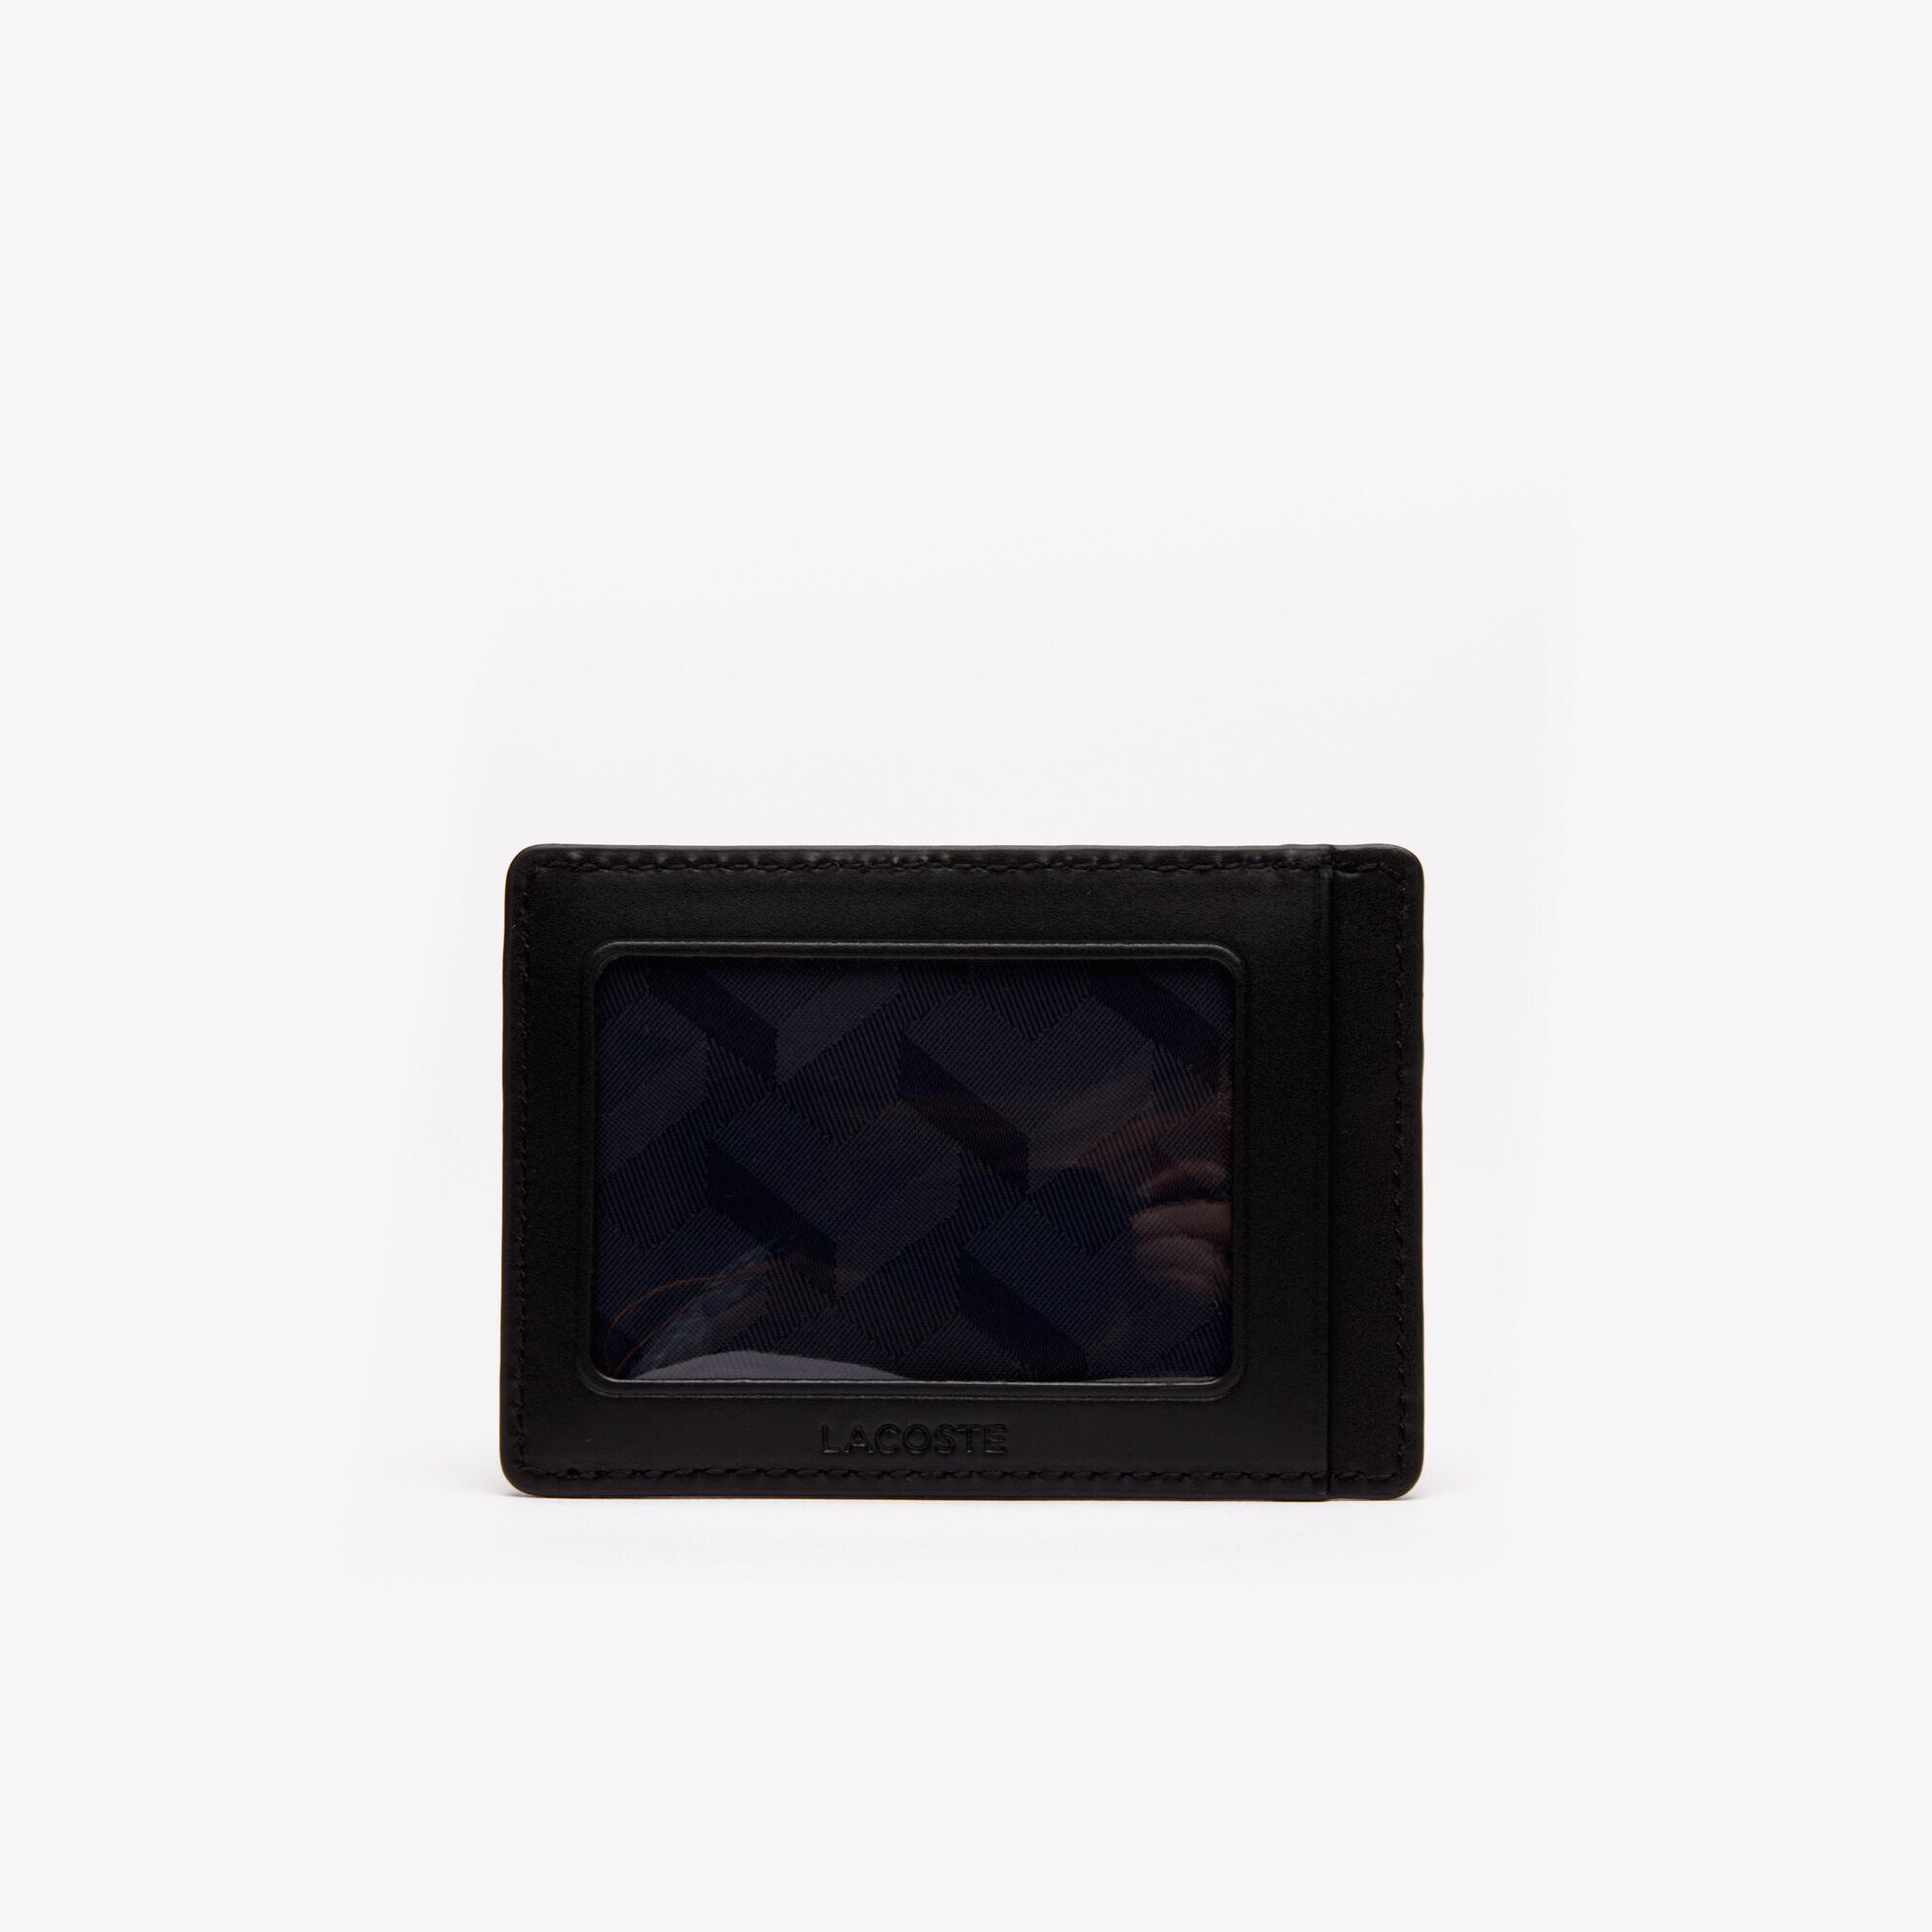 محفظة وحامل بطاقات 8 فتحات من جلد البيكيه مجموعة Chantaco للرجال